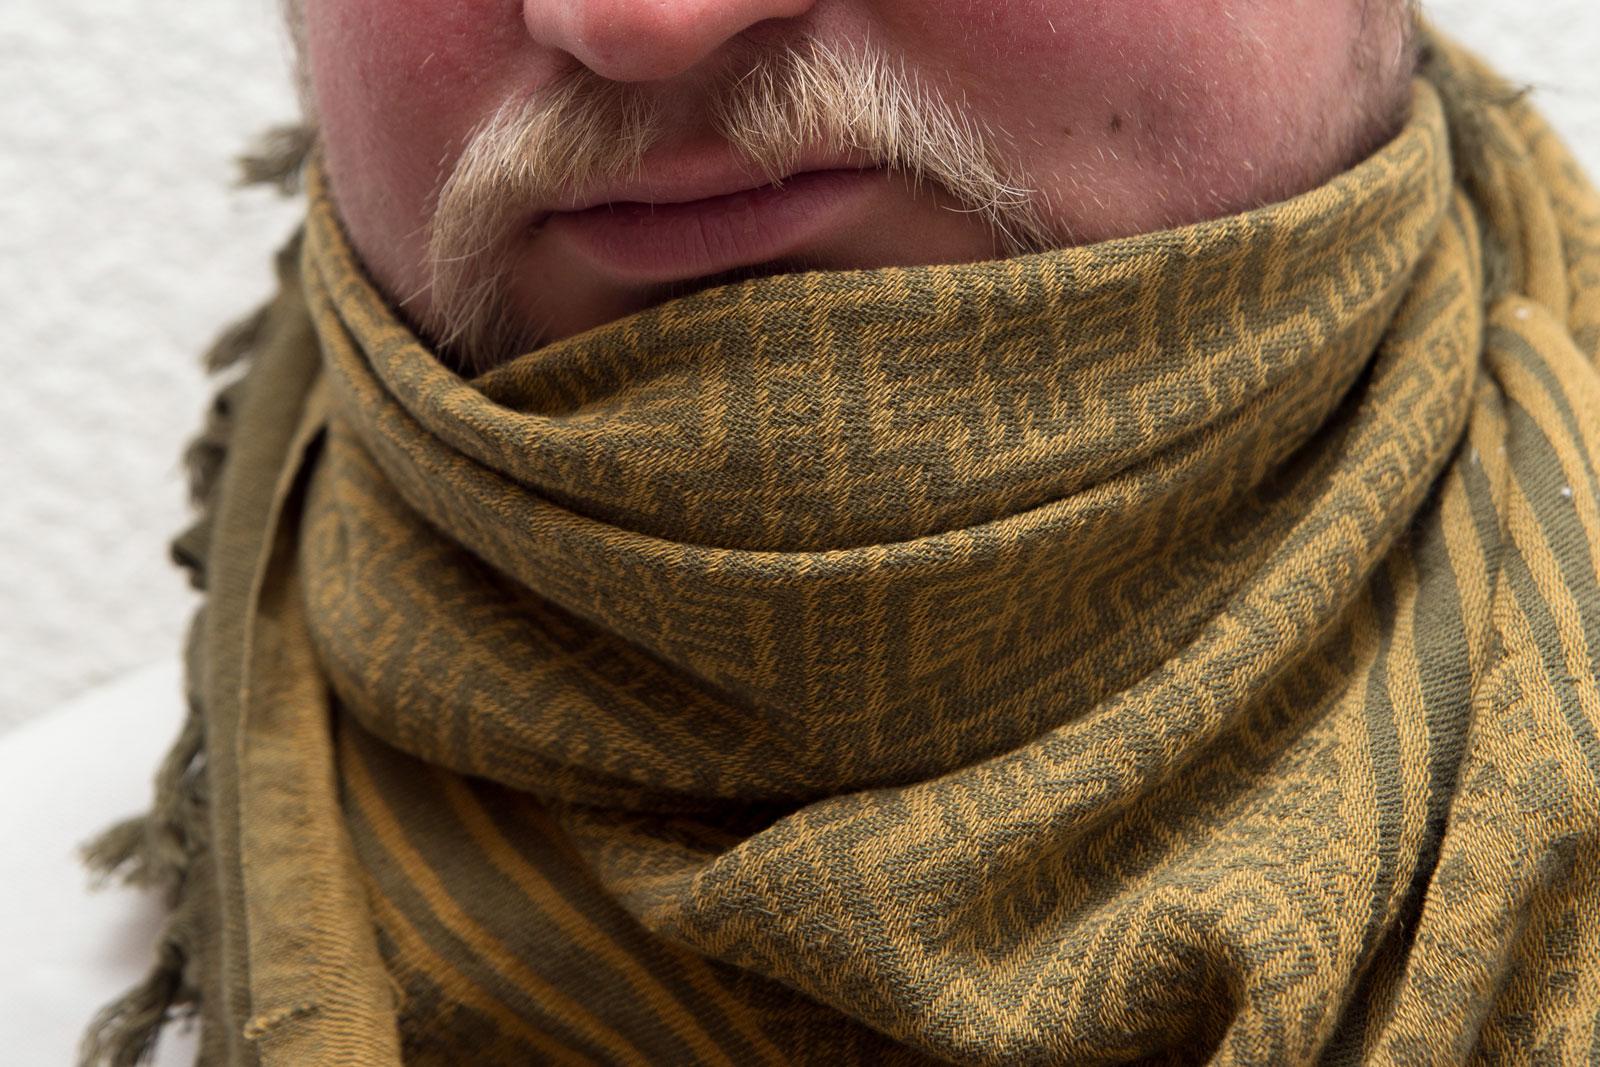 Арафатка Олива Хаки Намитка, намитка украина, платок шейный украина купить, купить арафатку украина, арафатка купить, платок хлопок